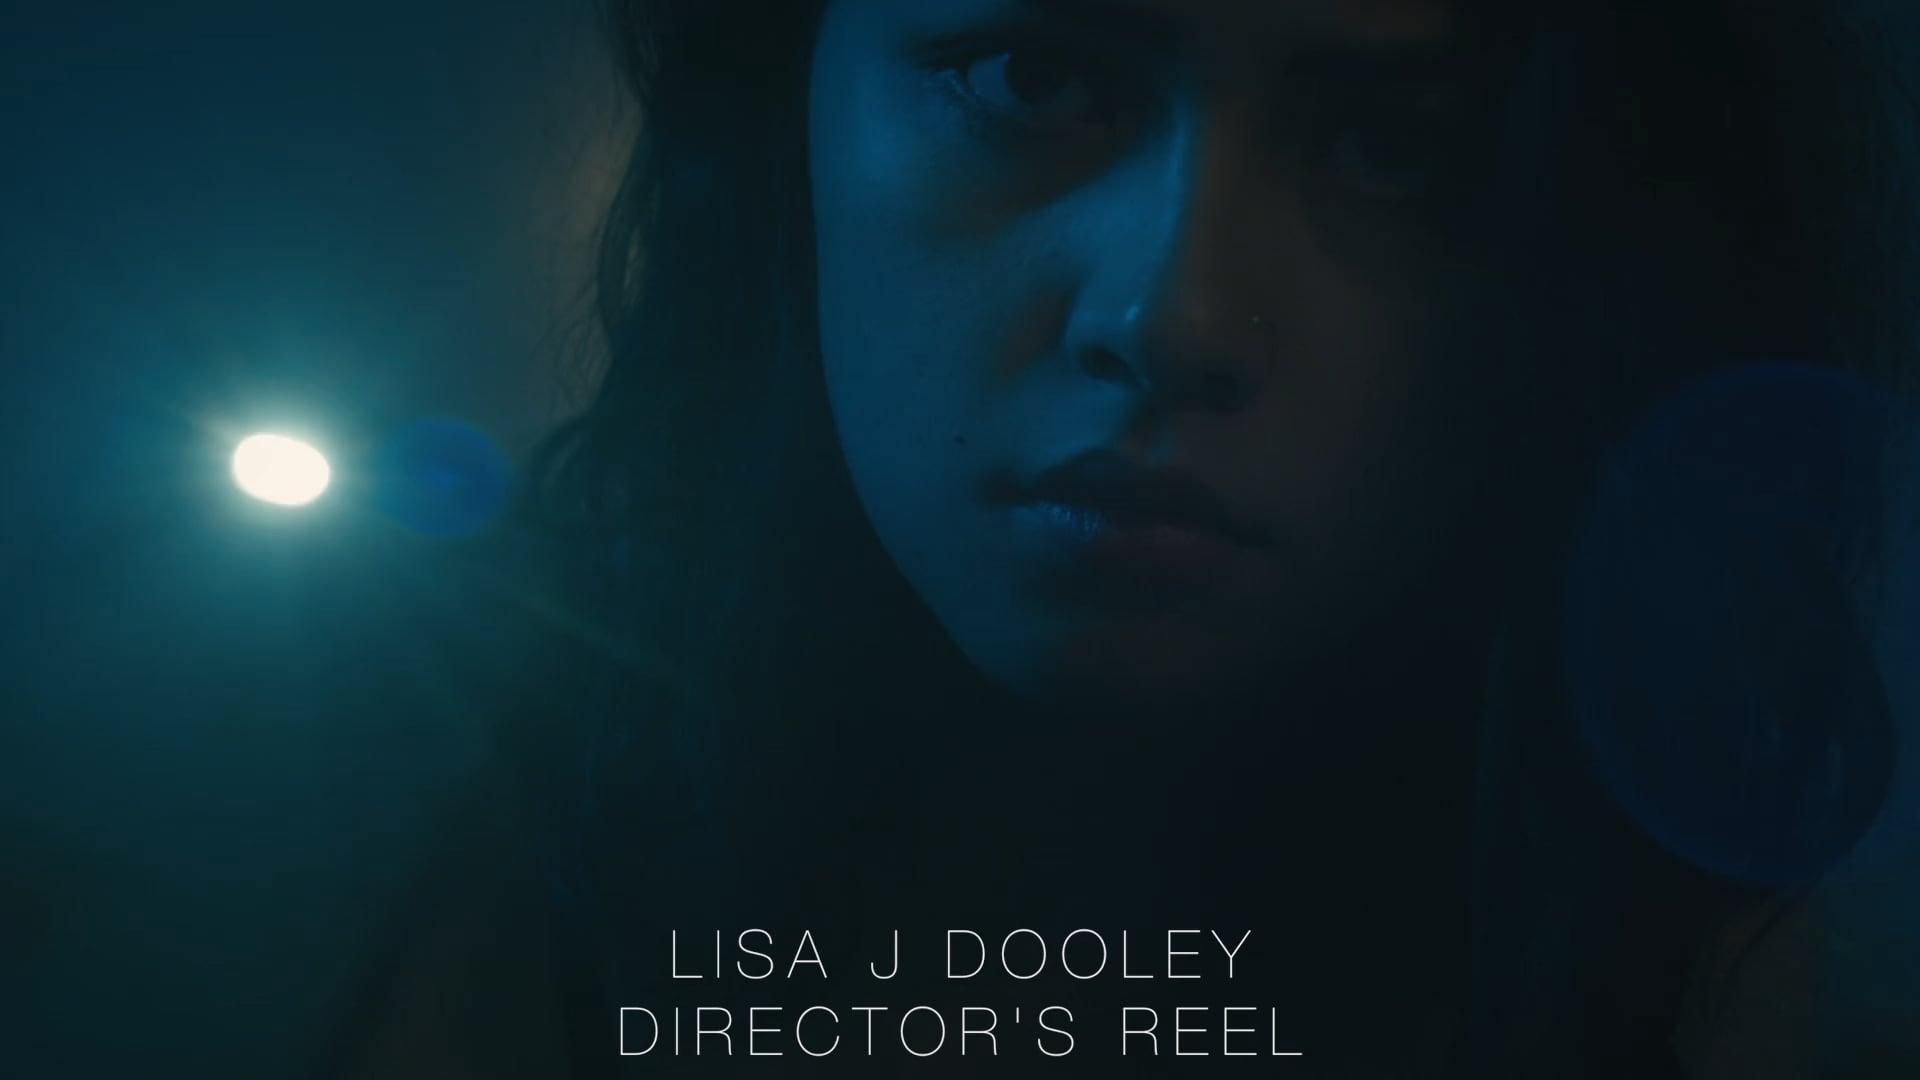 Lisa J Dooley: Director's Reel